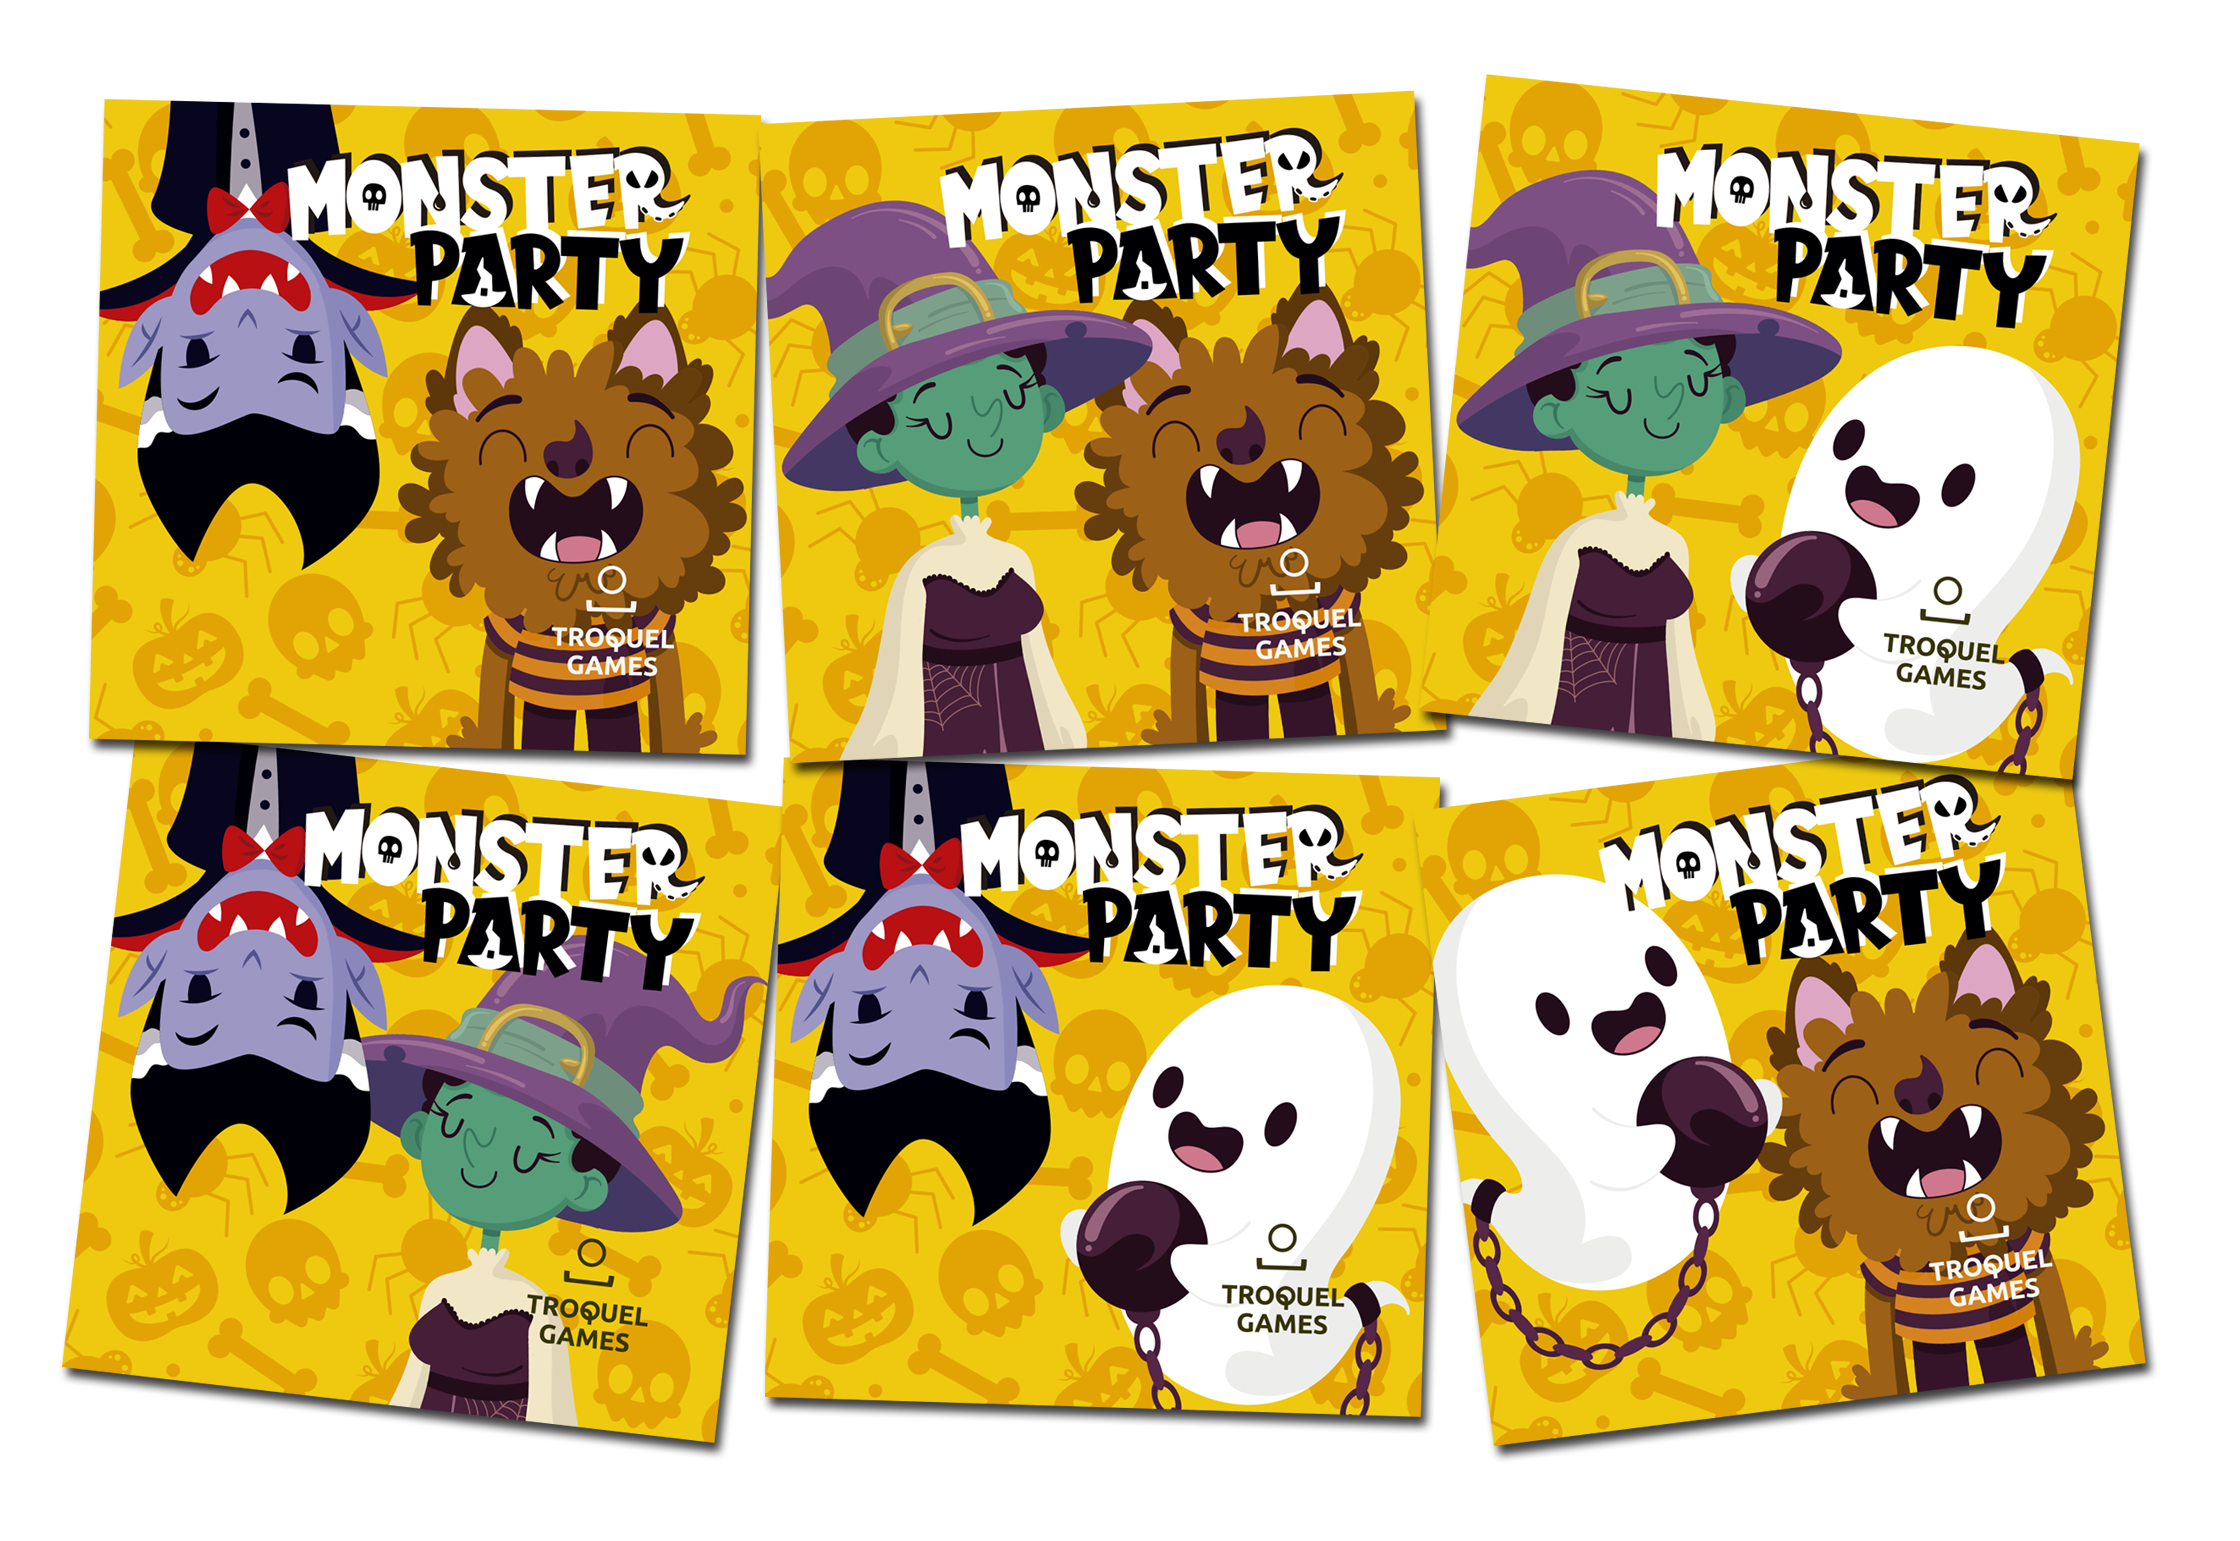 Portadas alternativas del juego de tablero Monster Party